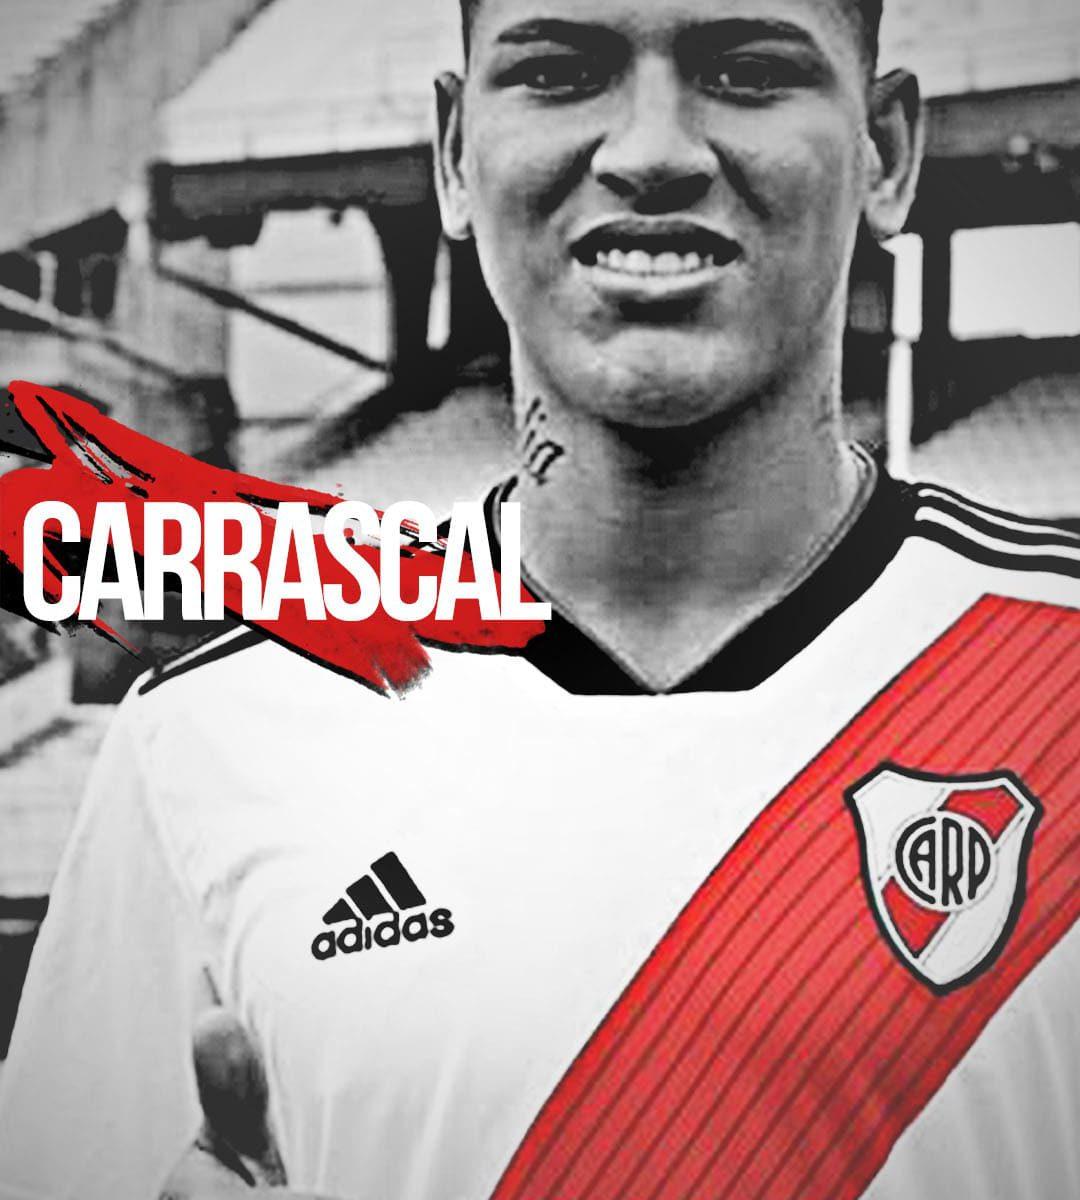 imagenes-de-river-plate-para-telefono-celular-fondos-de-pantalla-wallpaper-de-river-Jorge Carrascal Refuerzo de River Plate